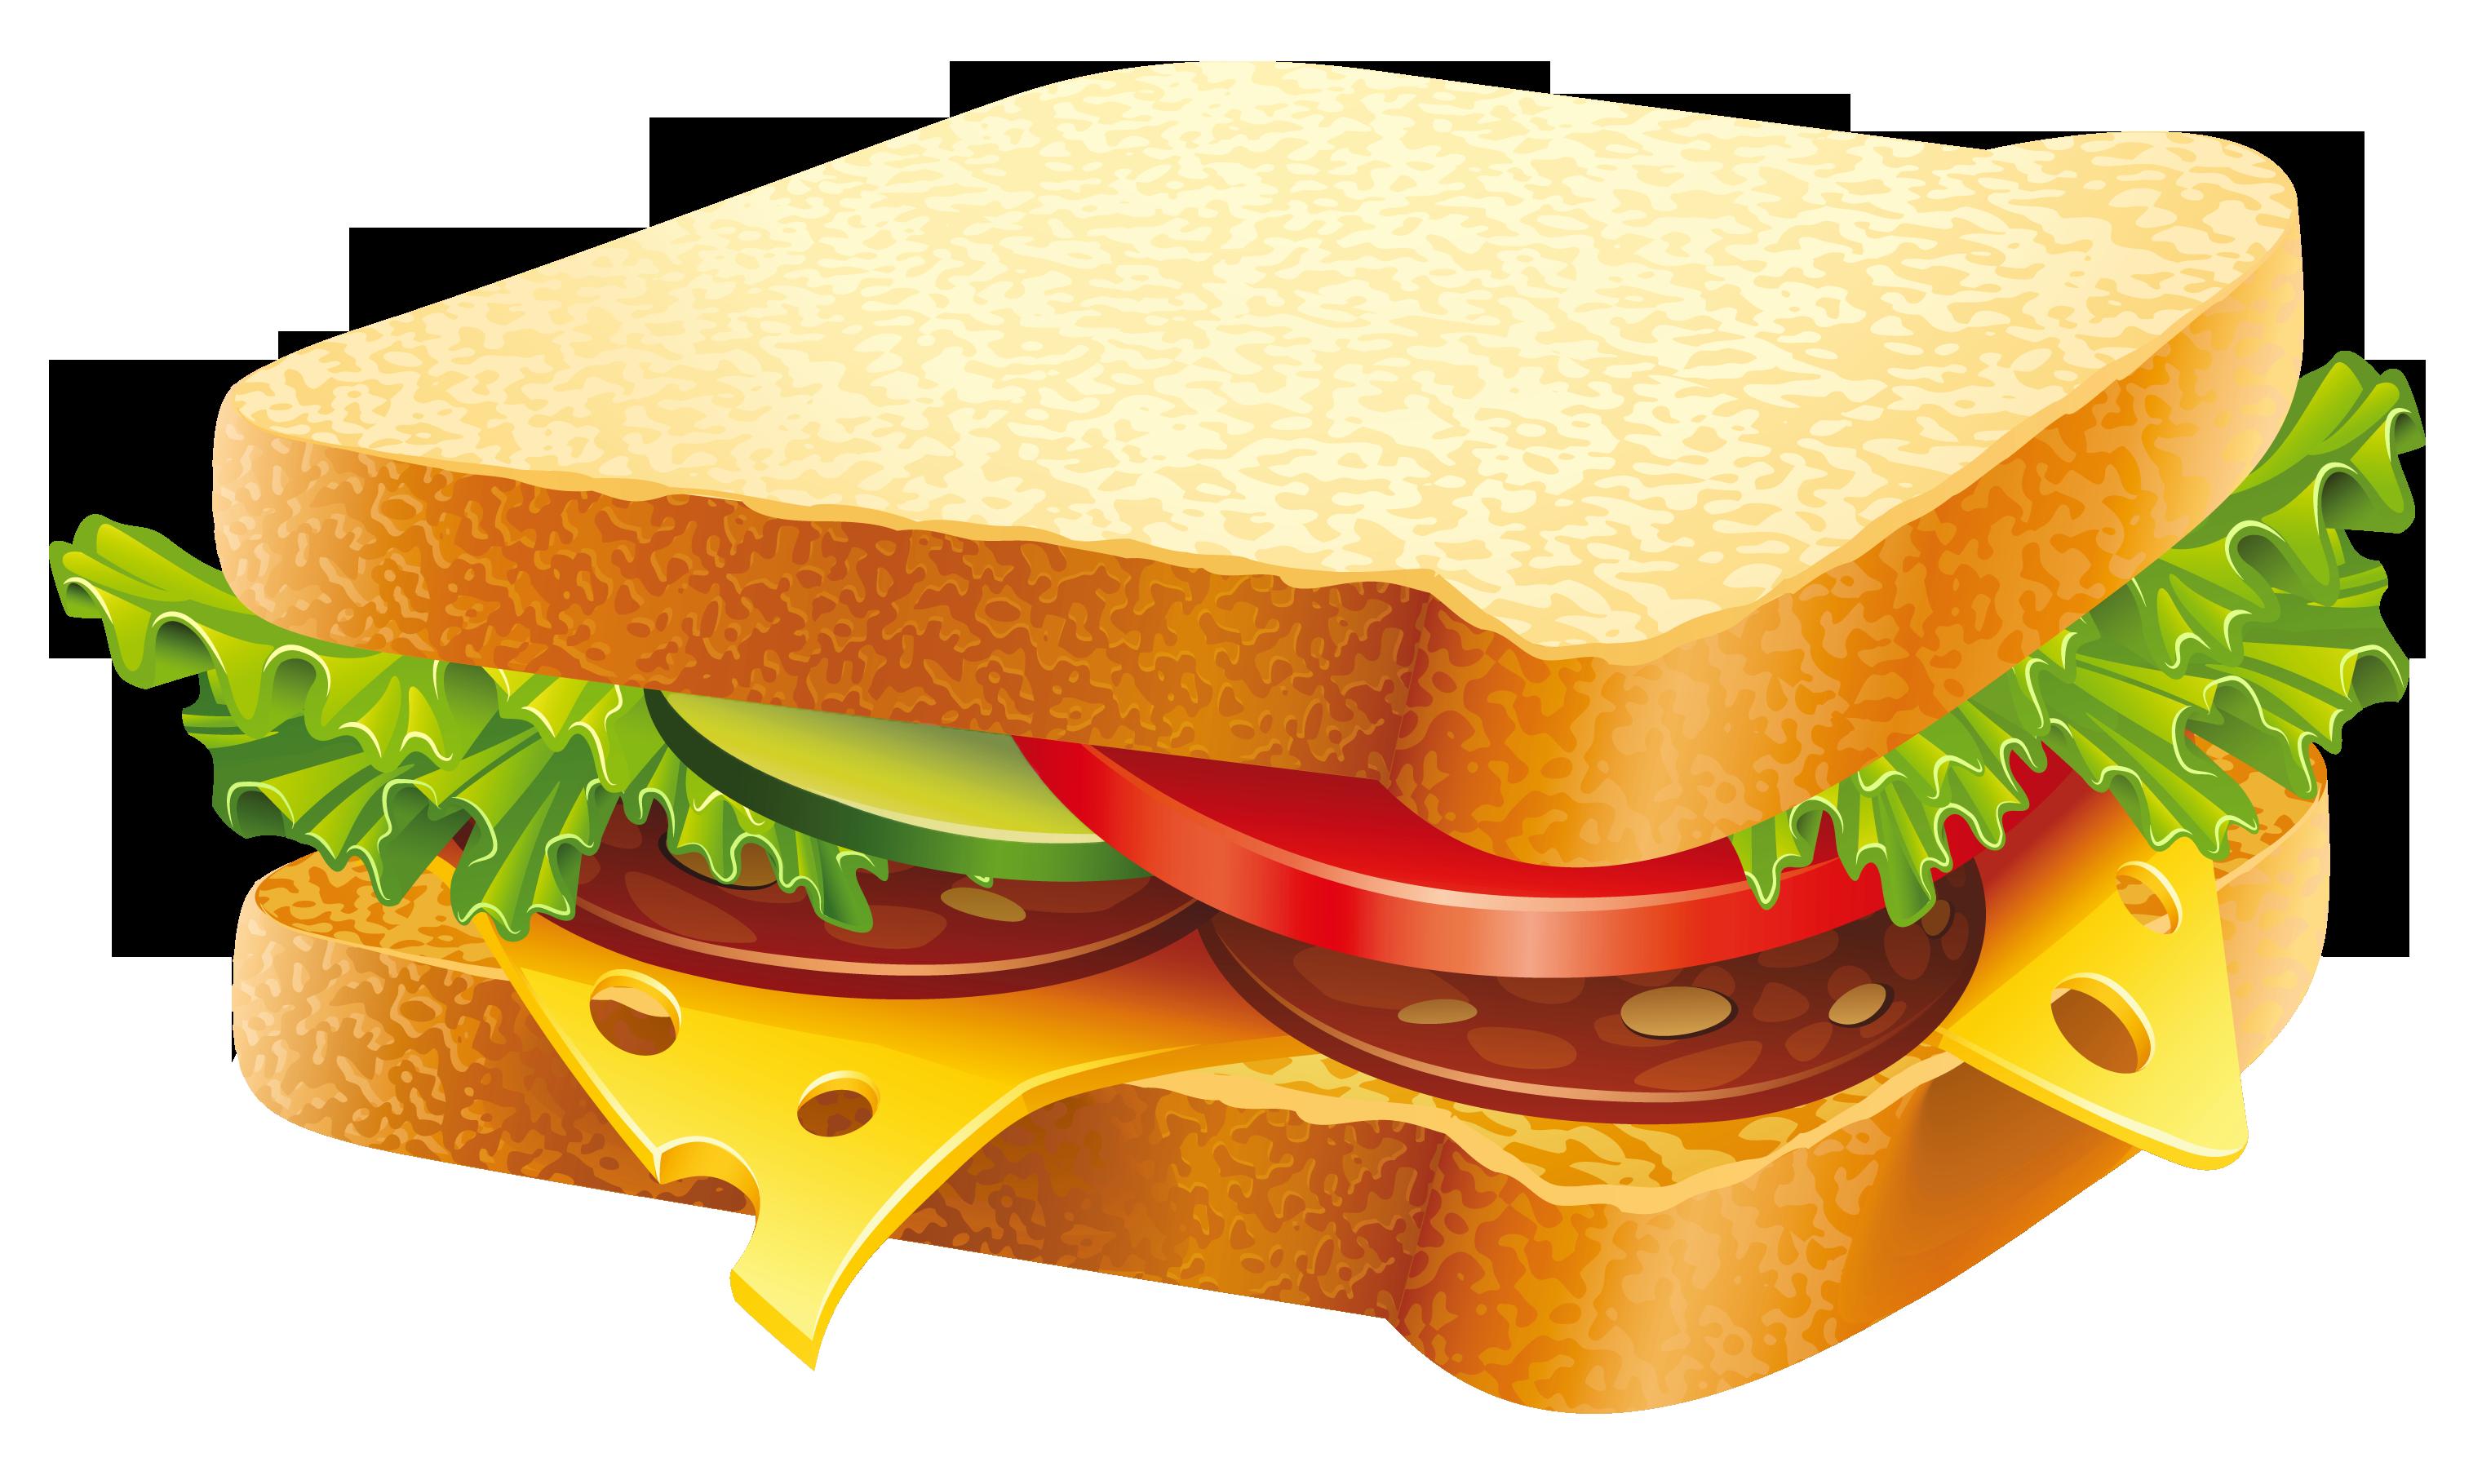 Hamburger submarine sandwich vegetable. Clipart bread sandwhich